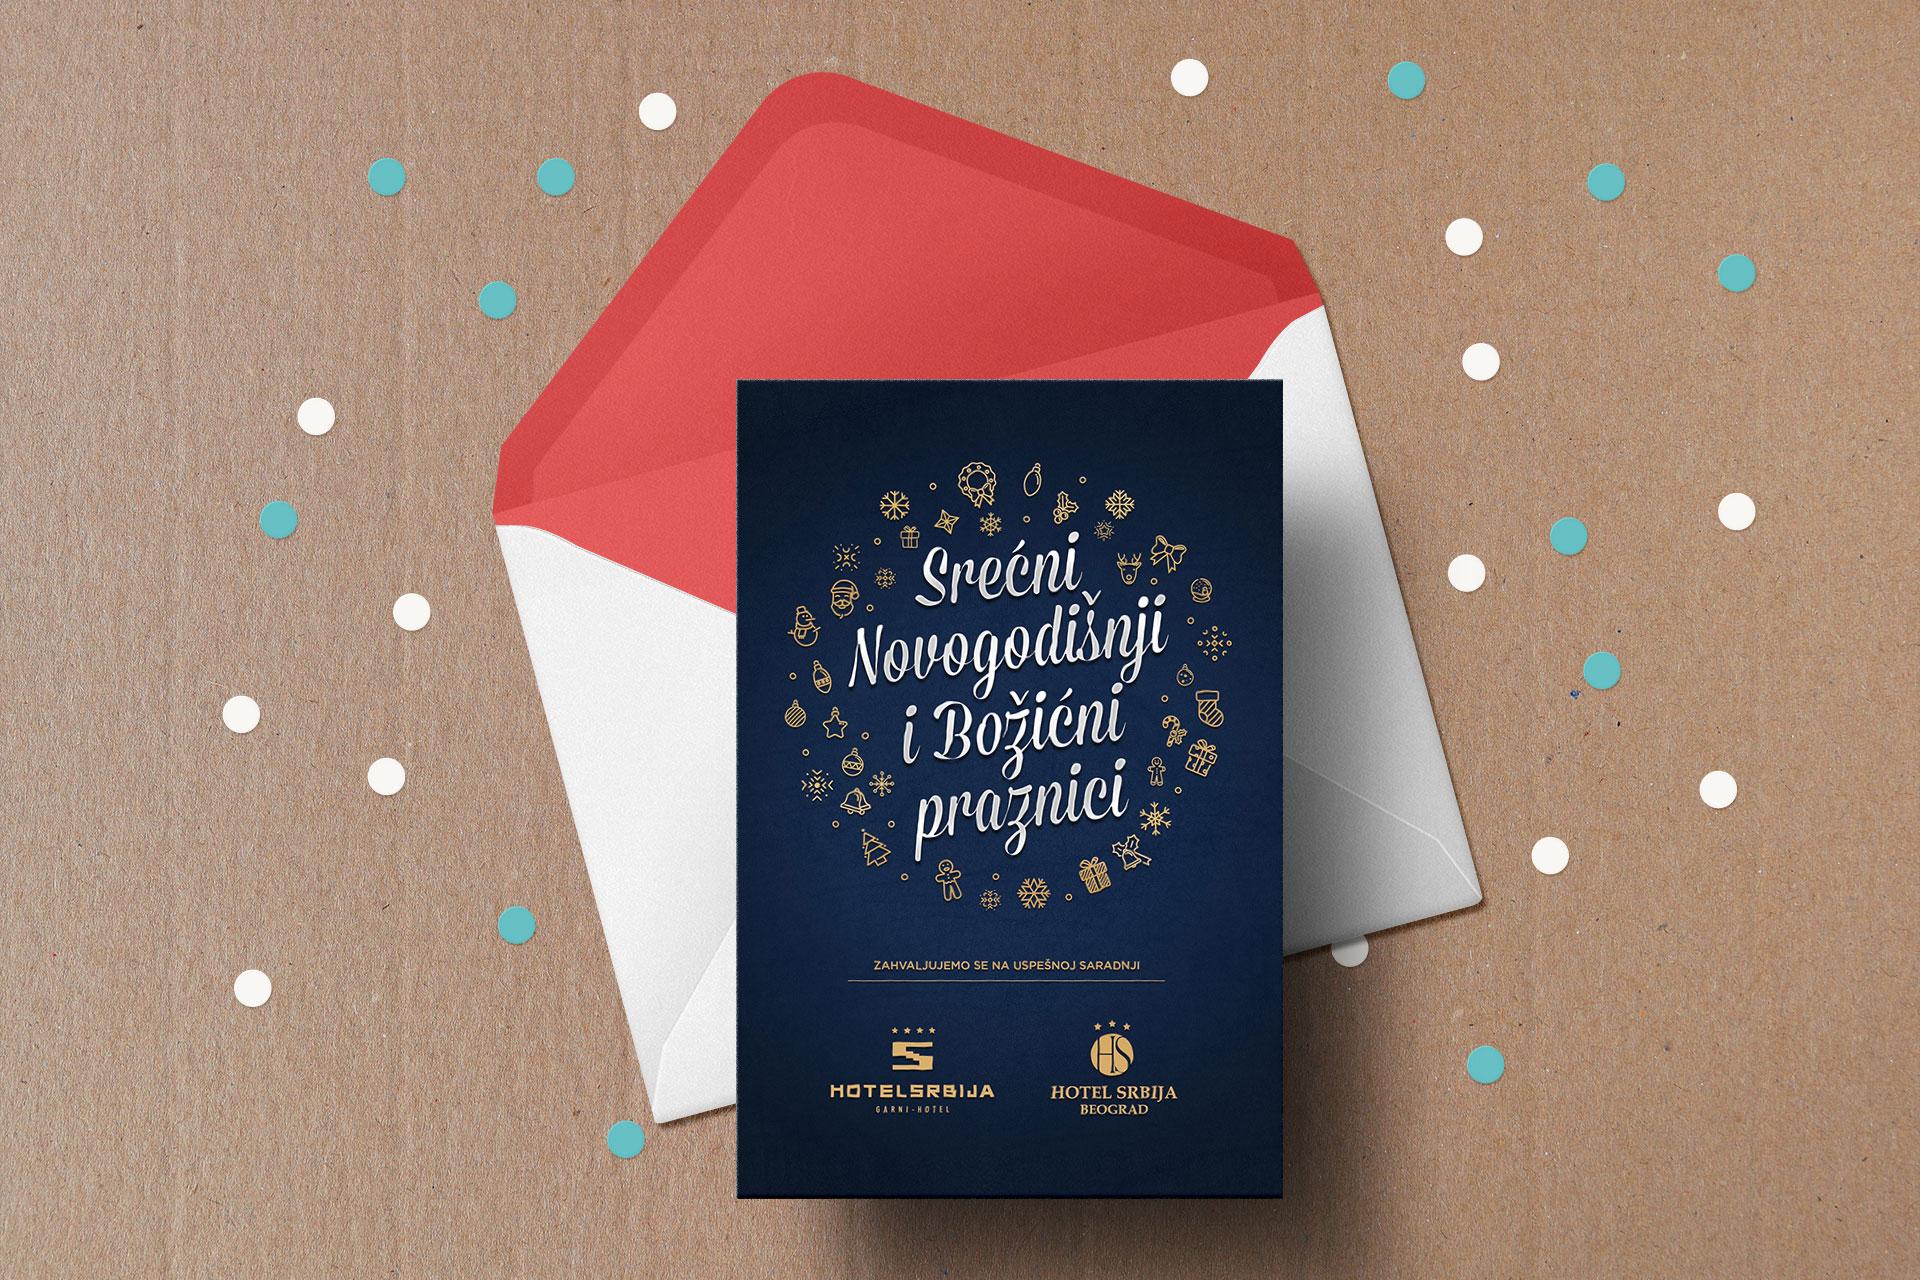 Dizajn novogodišnje čestitke za Hotel Srbiju